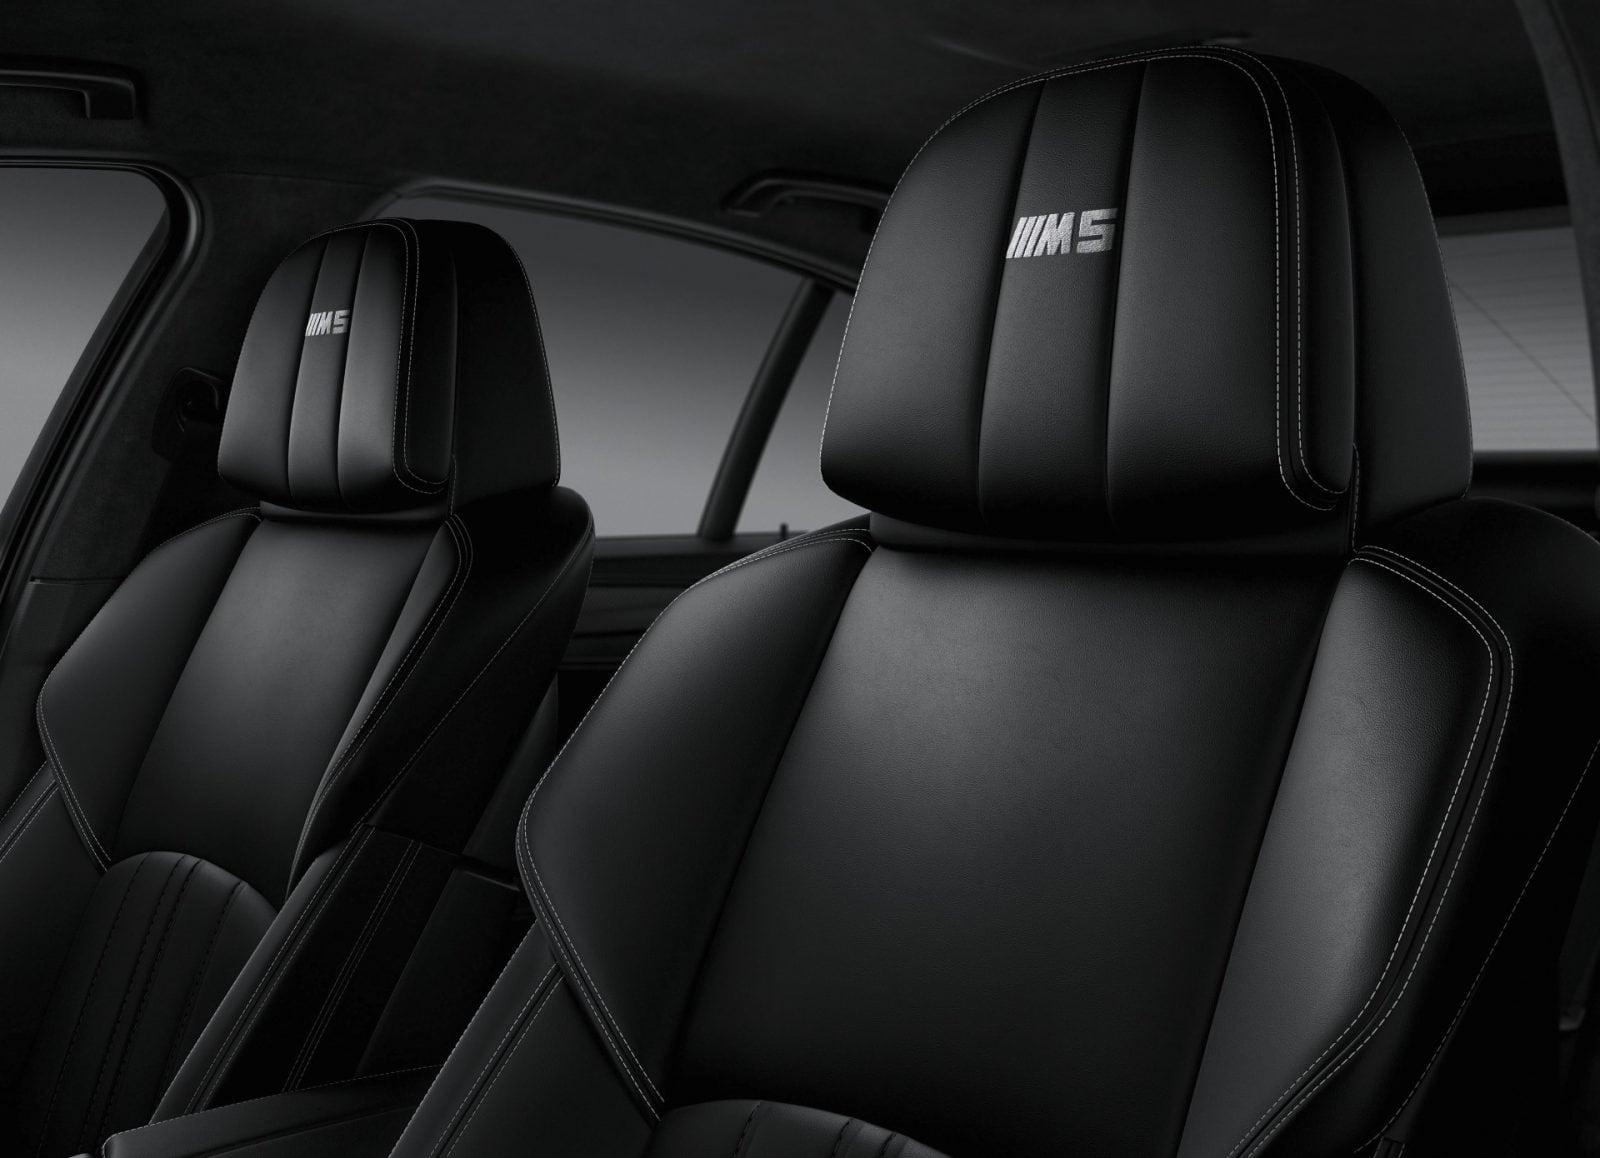 Мировая премьера: BMW M5 Competition Edition. Главная особенность новинки – форсированный силовой агрегат, выдающий 600 лошадиных сил (в оригинале 560).